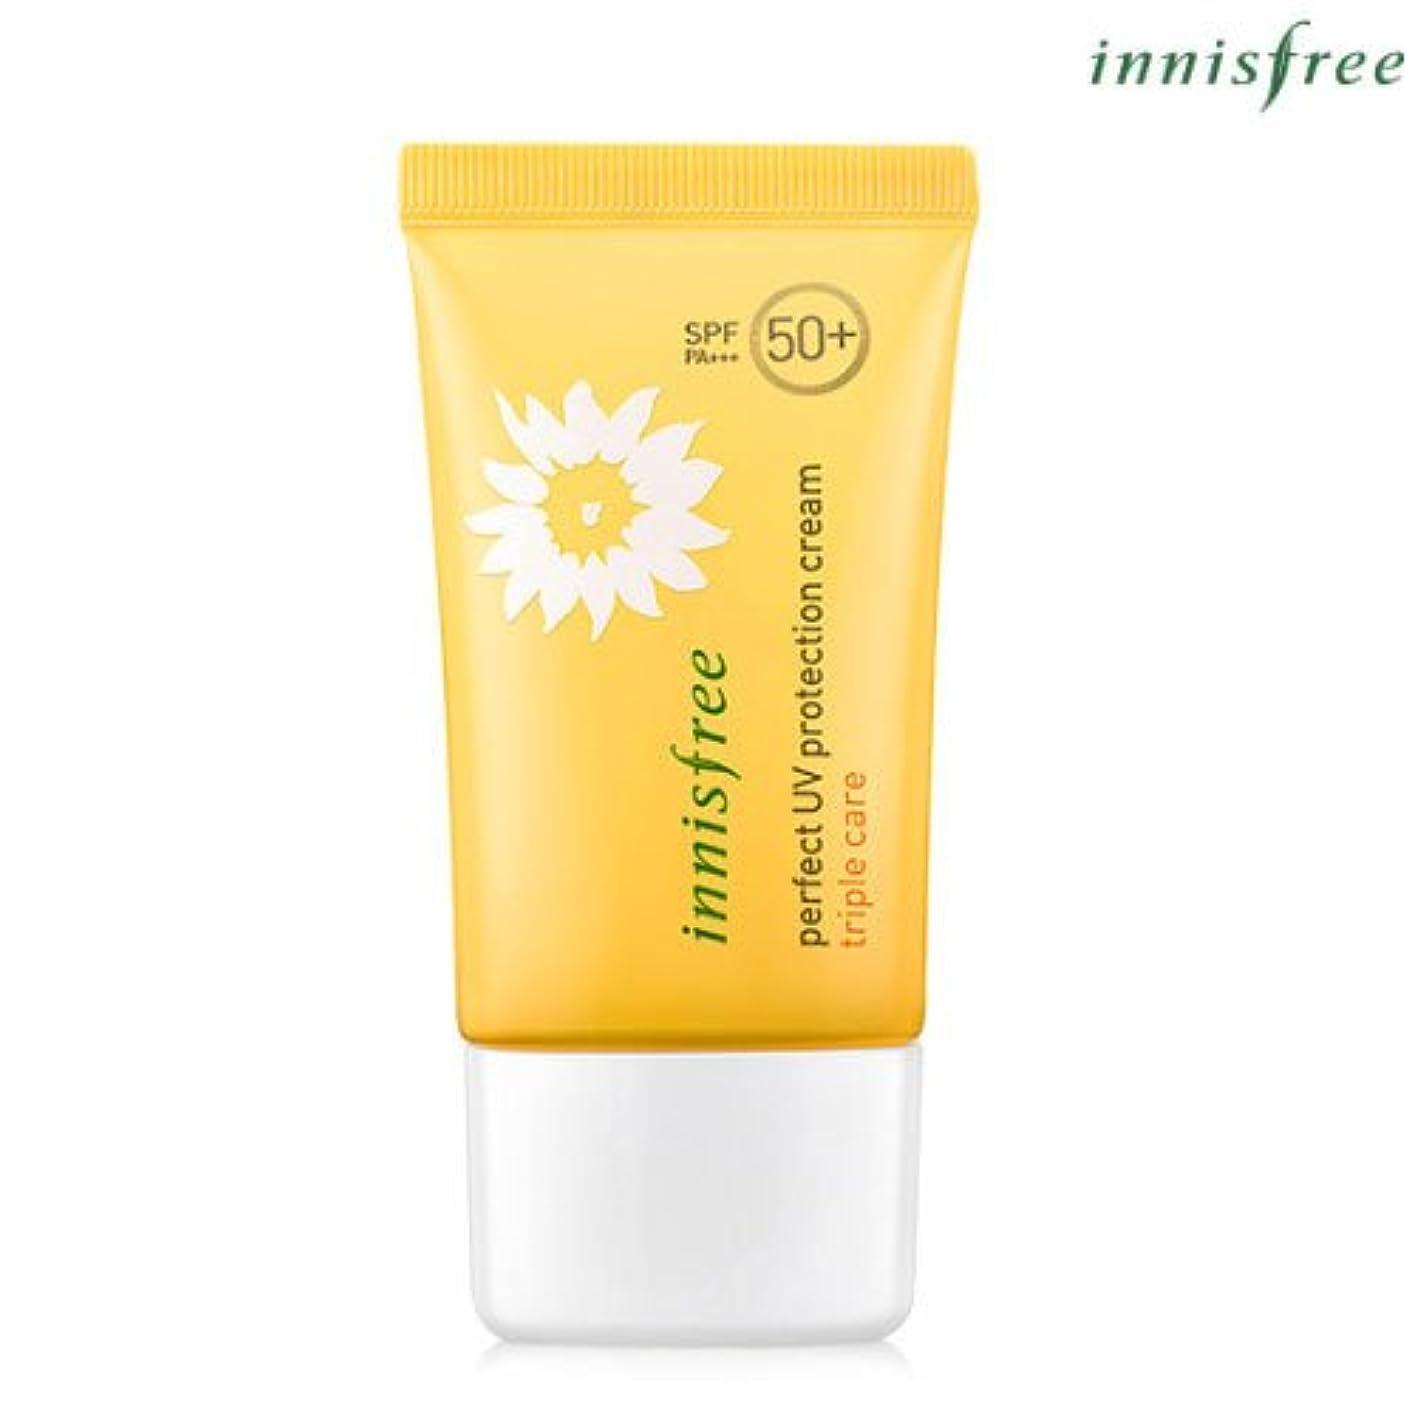 農村トレイスペイン[INNISFREE]イニスフリーパーフェクトUV プロテクション クリームトリプルケアSPF50+ PA+++ 50mL perfect UV protection cream triple care SPF50+ PA...